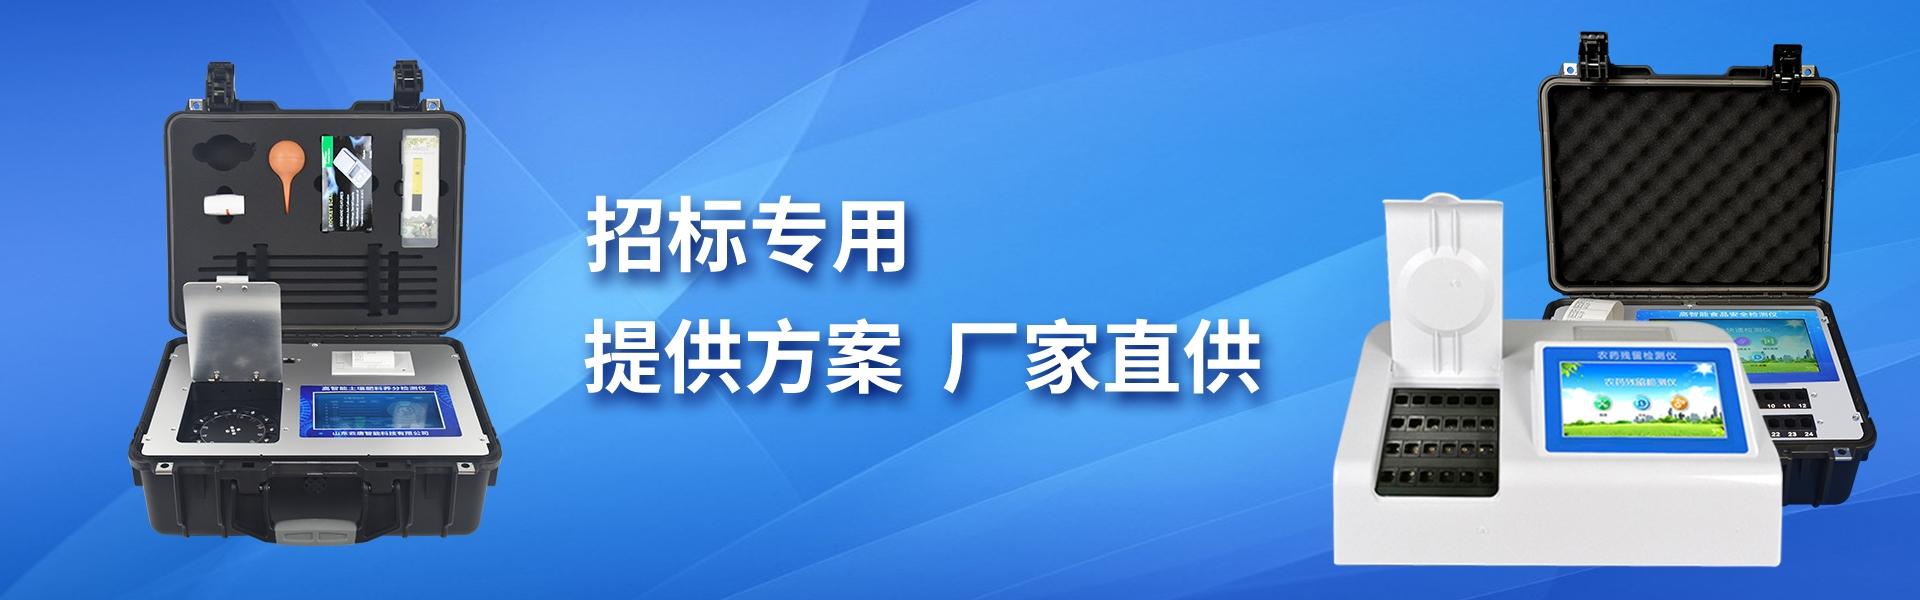 农业测土仪器-农业测土仪器简介